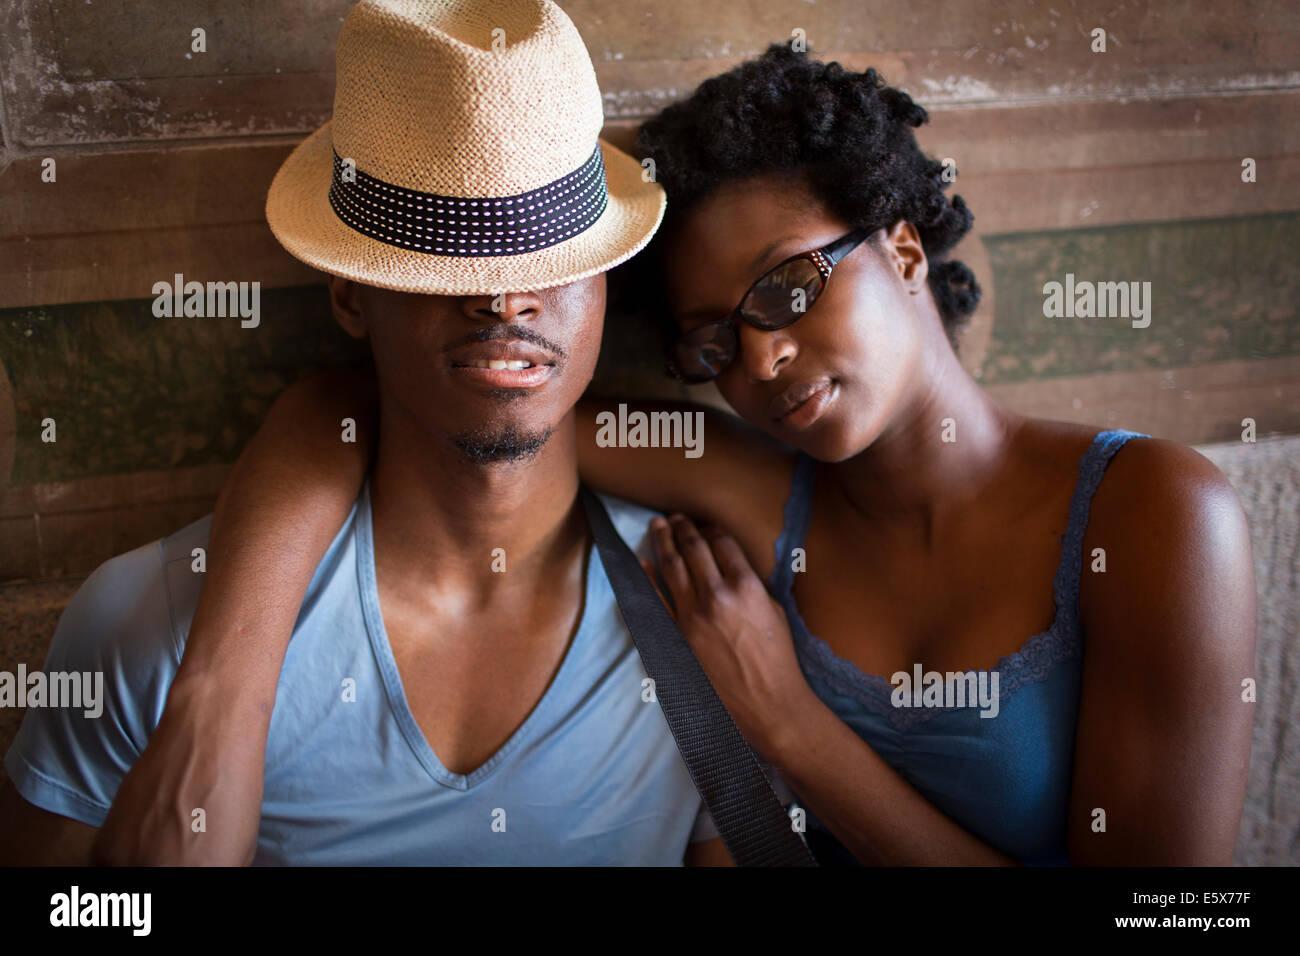 Junges Paar mit geschlossenen Augen in Bethesda Terrasse Arcade, Central Park, New York City, USA Stockbild